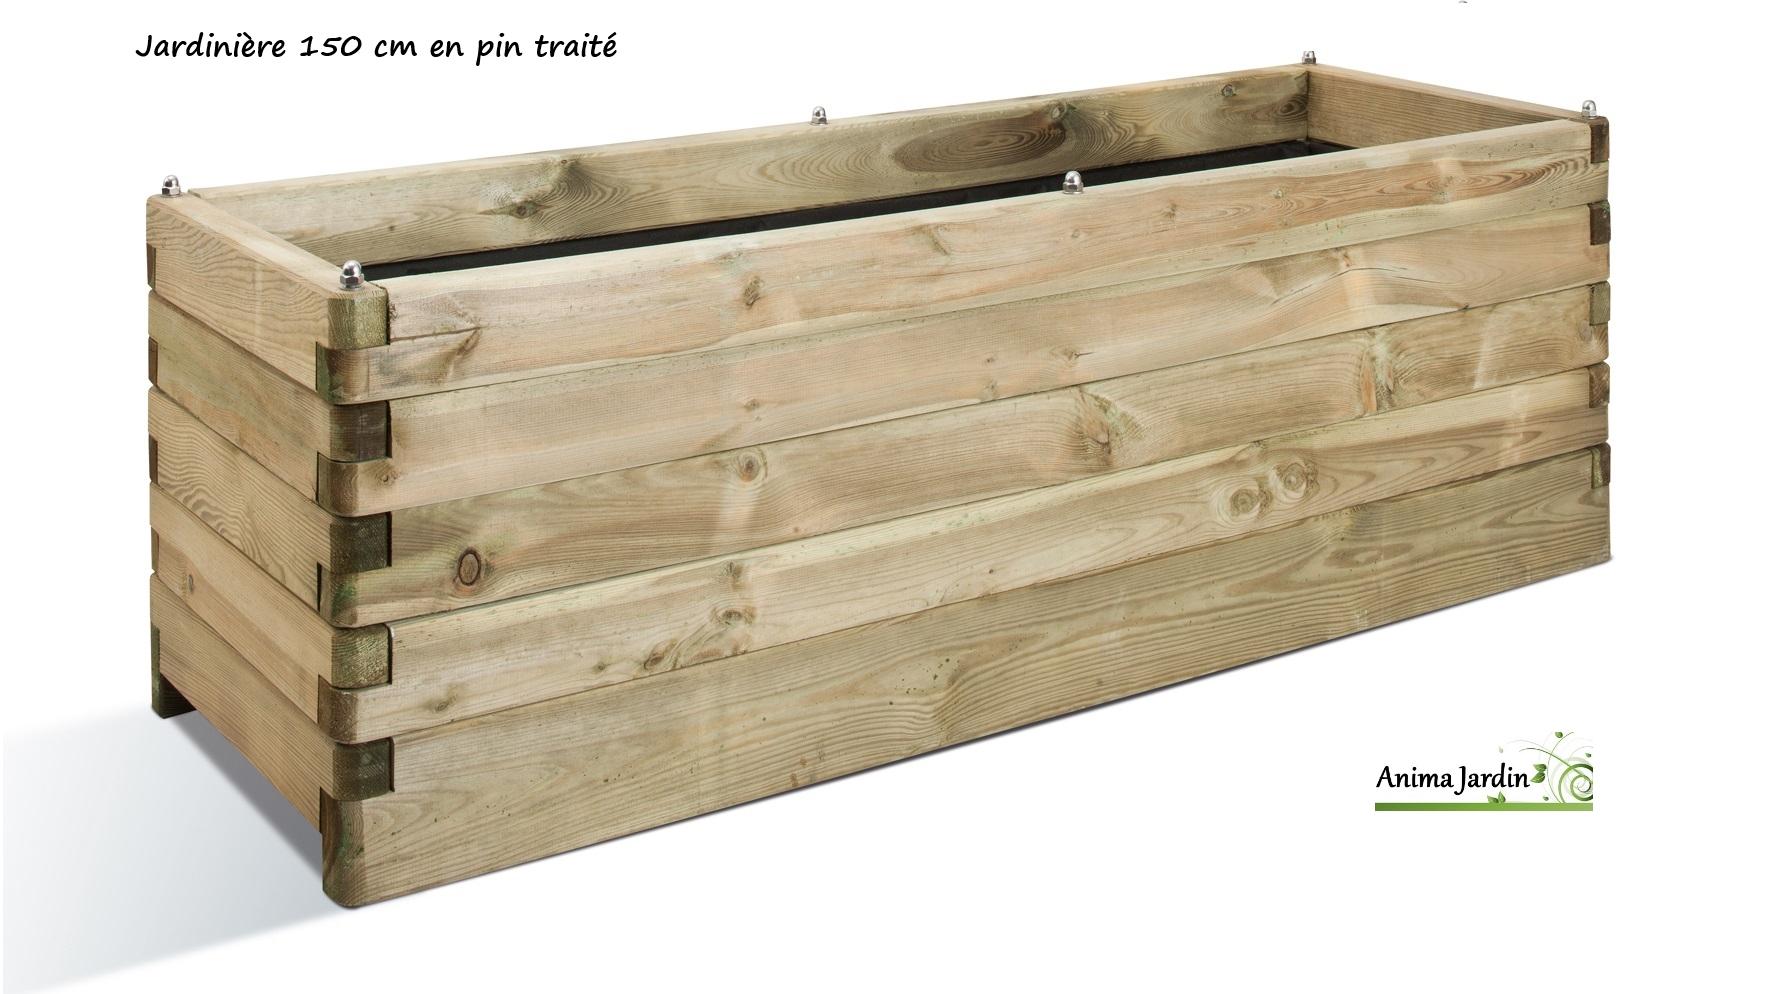 Grande Jardinière Bois 150Cm Pour Plantes, Autoclave, Achat/vente destiné Bac Rectangulaire Jardin